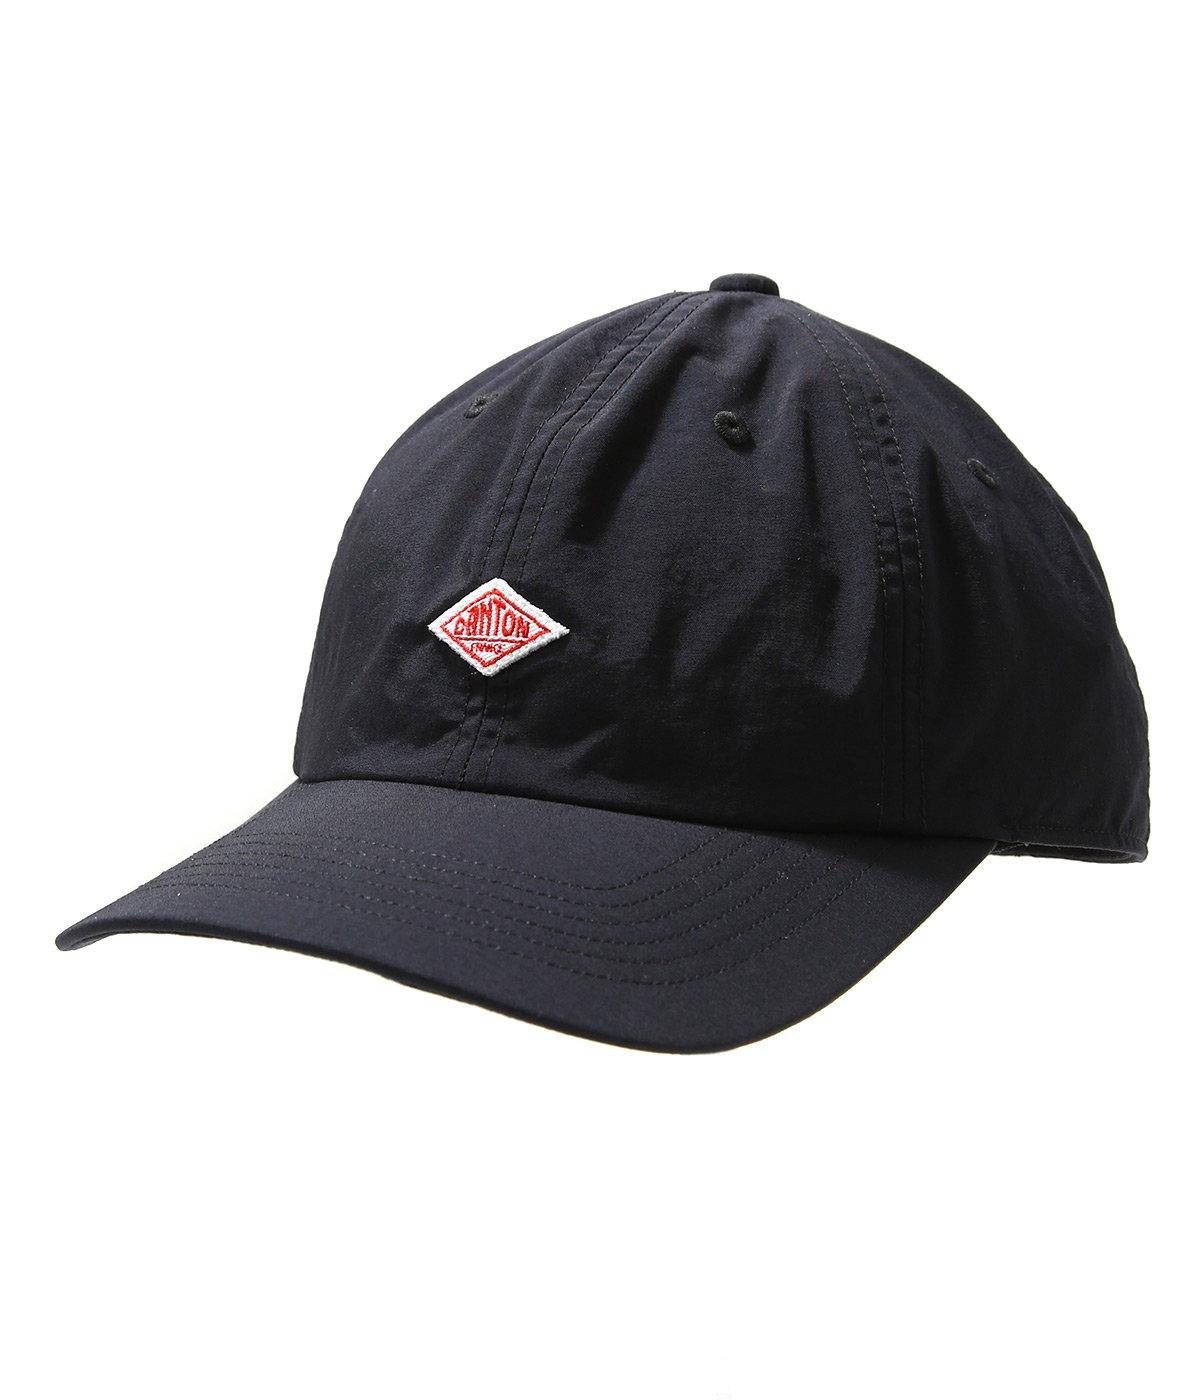 NYLON TAFFETA CAP